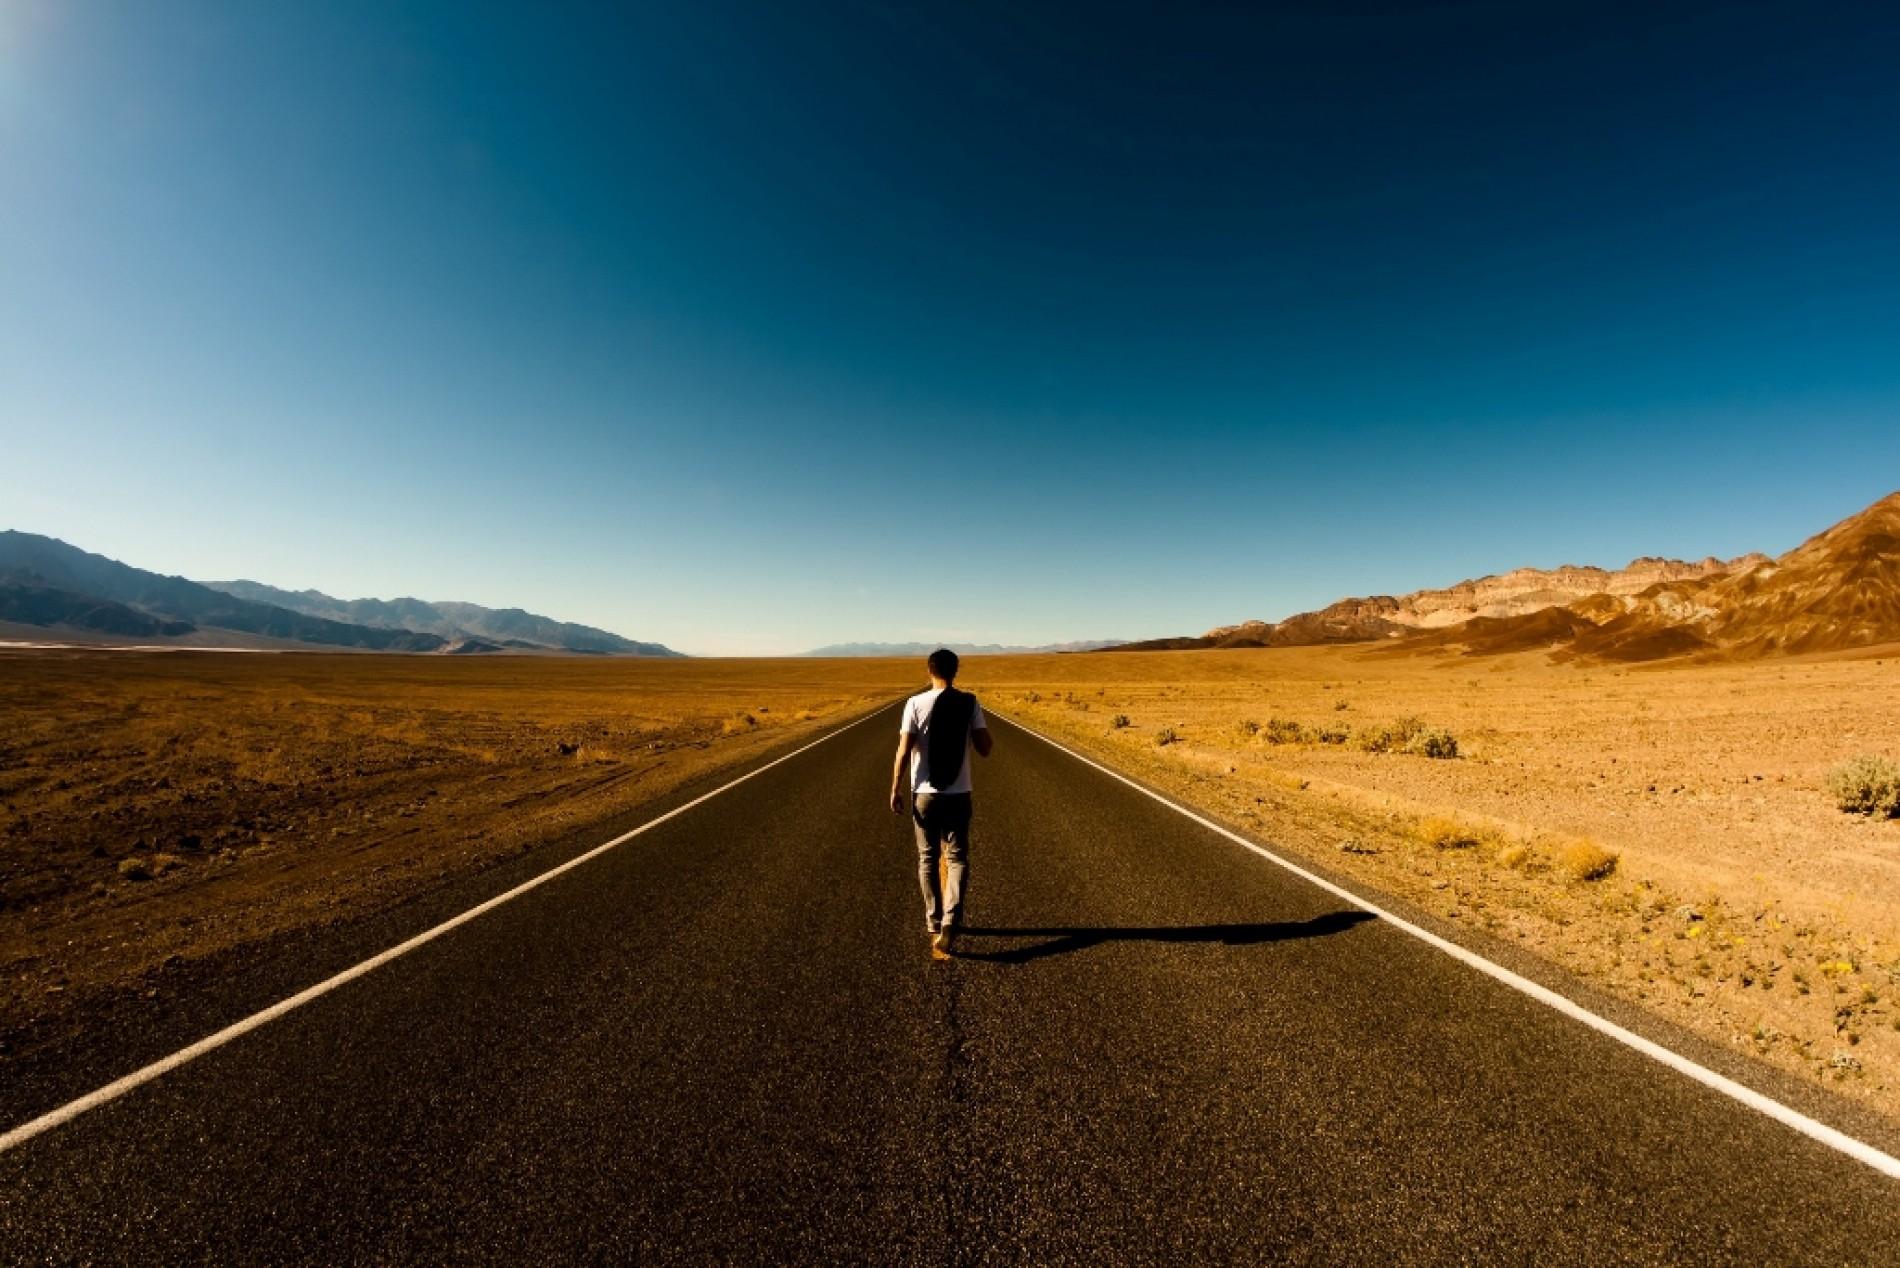 L'America, la vita, il sogno e tutto il resto… sulla strada!